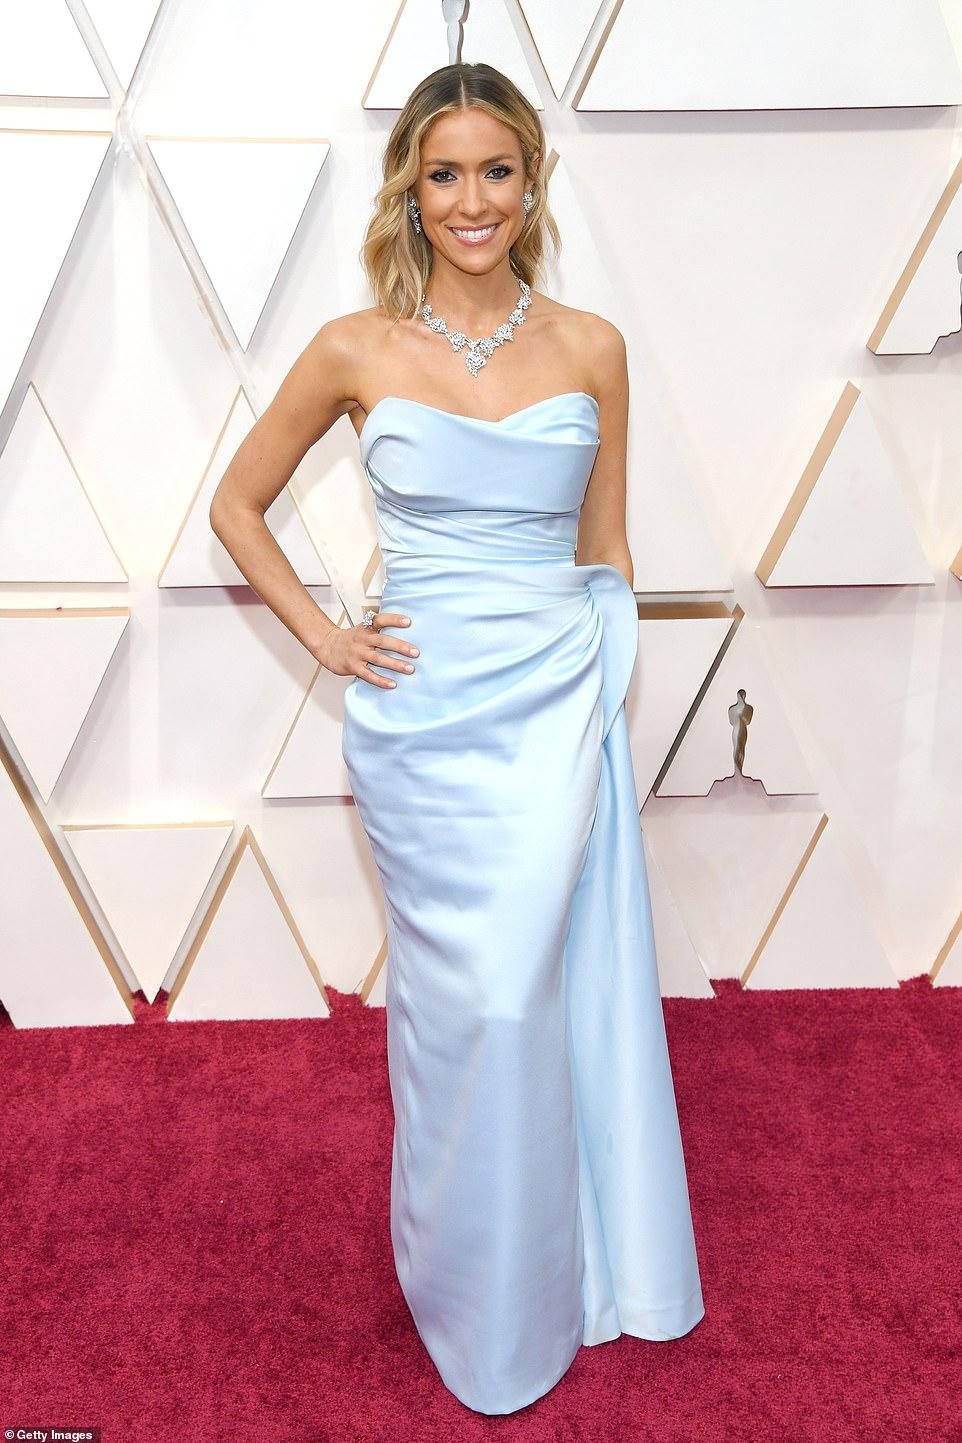 Kristin Cavallari khá an toàn trong chiếc váy pastel đơn giản.